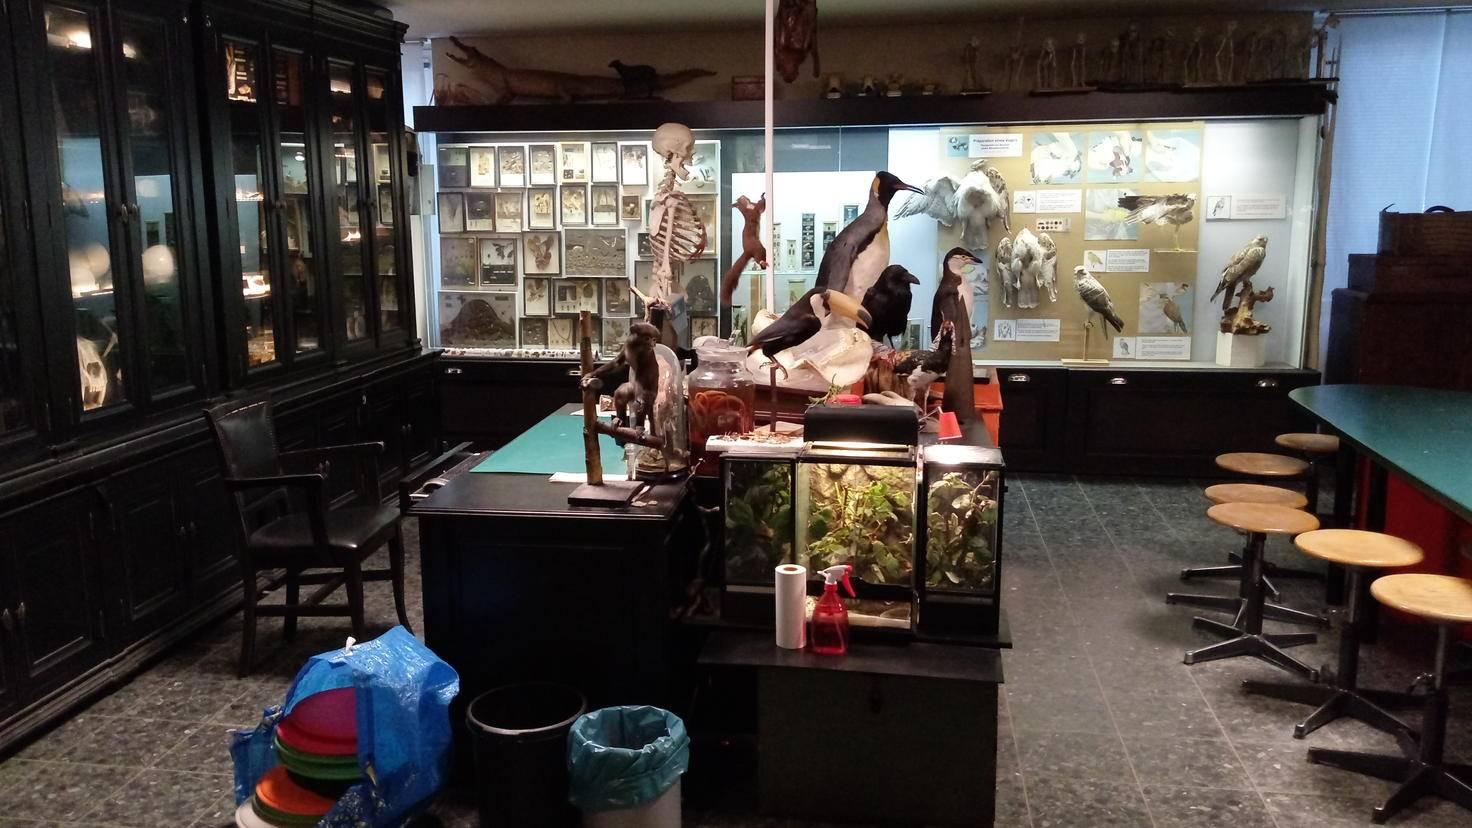 In Innenbereichen wie hier im Hamburger Naturkundemuseum gelingen bei guter Beleuchtung detailreiche Aufnahmen.